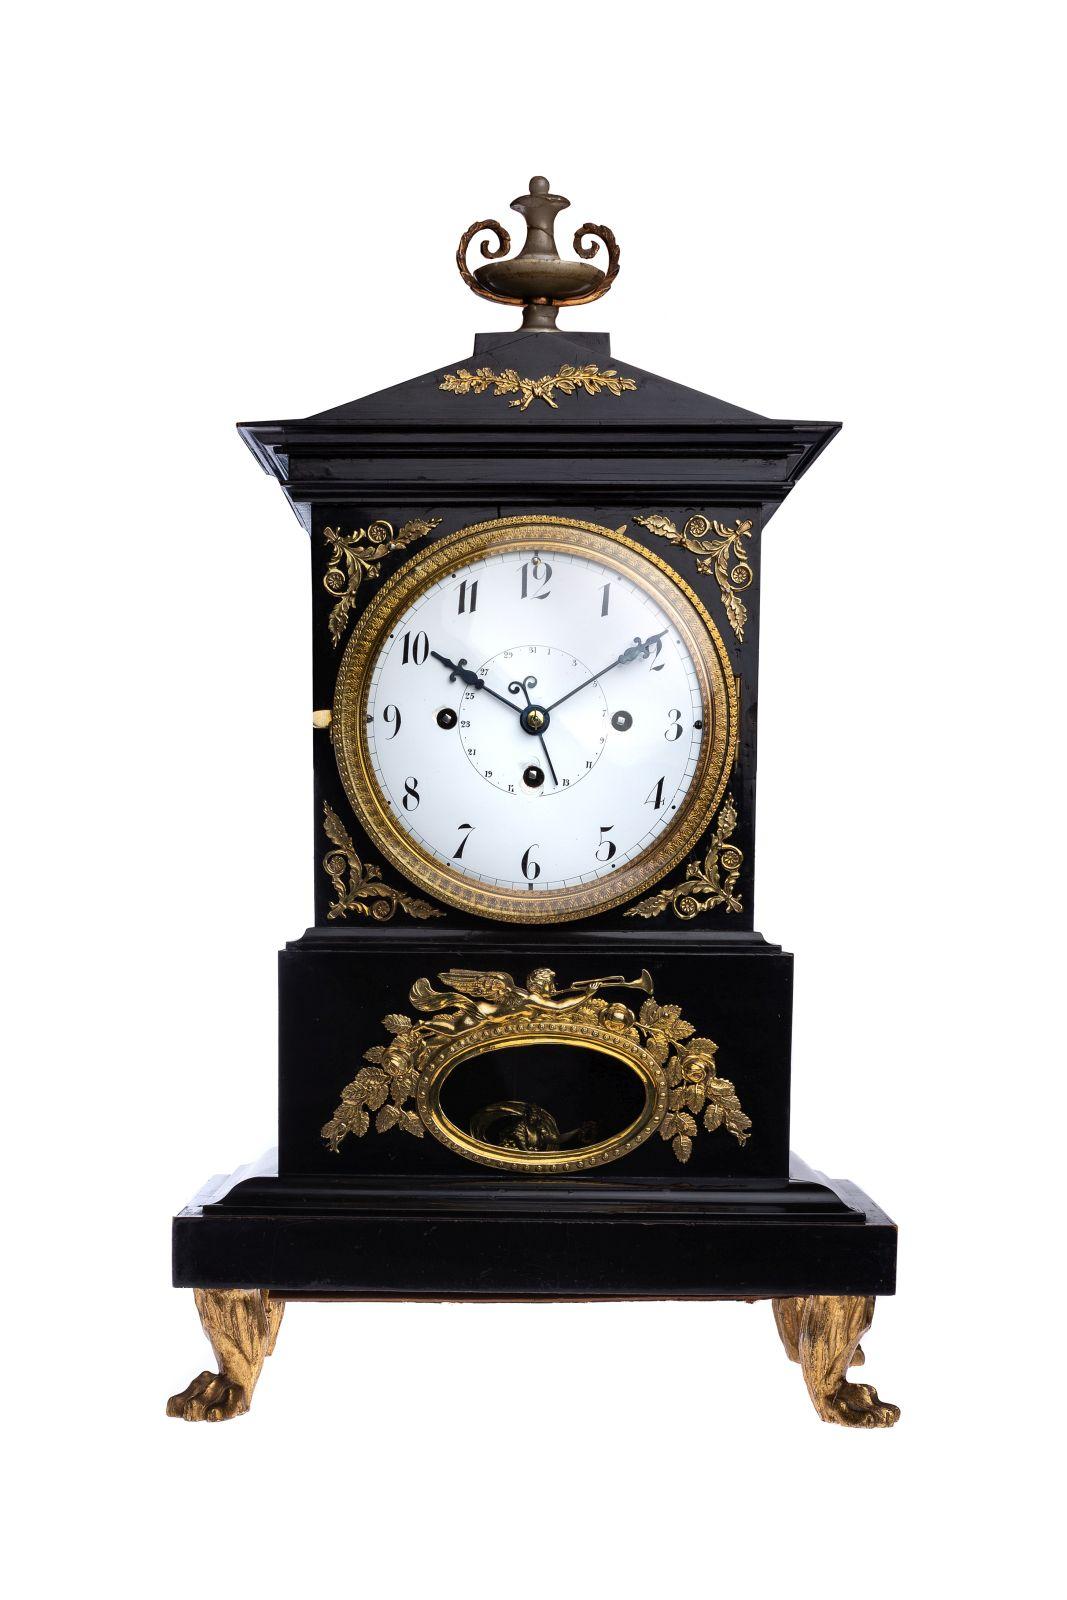 #19 Original Viennese Empire Clock arround 1860| Originale Wiener Empire Uhr um 1860 Image